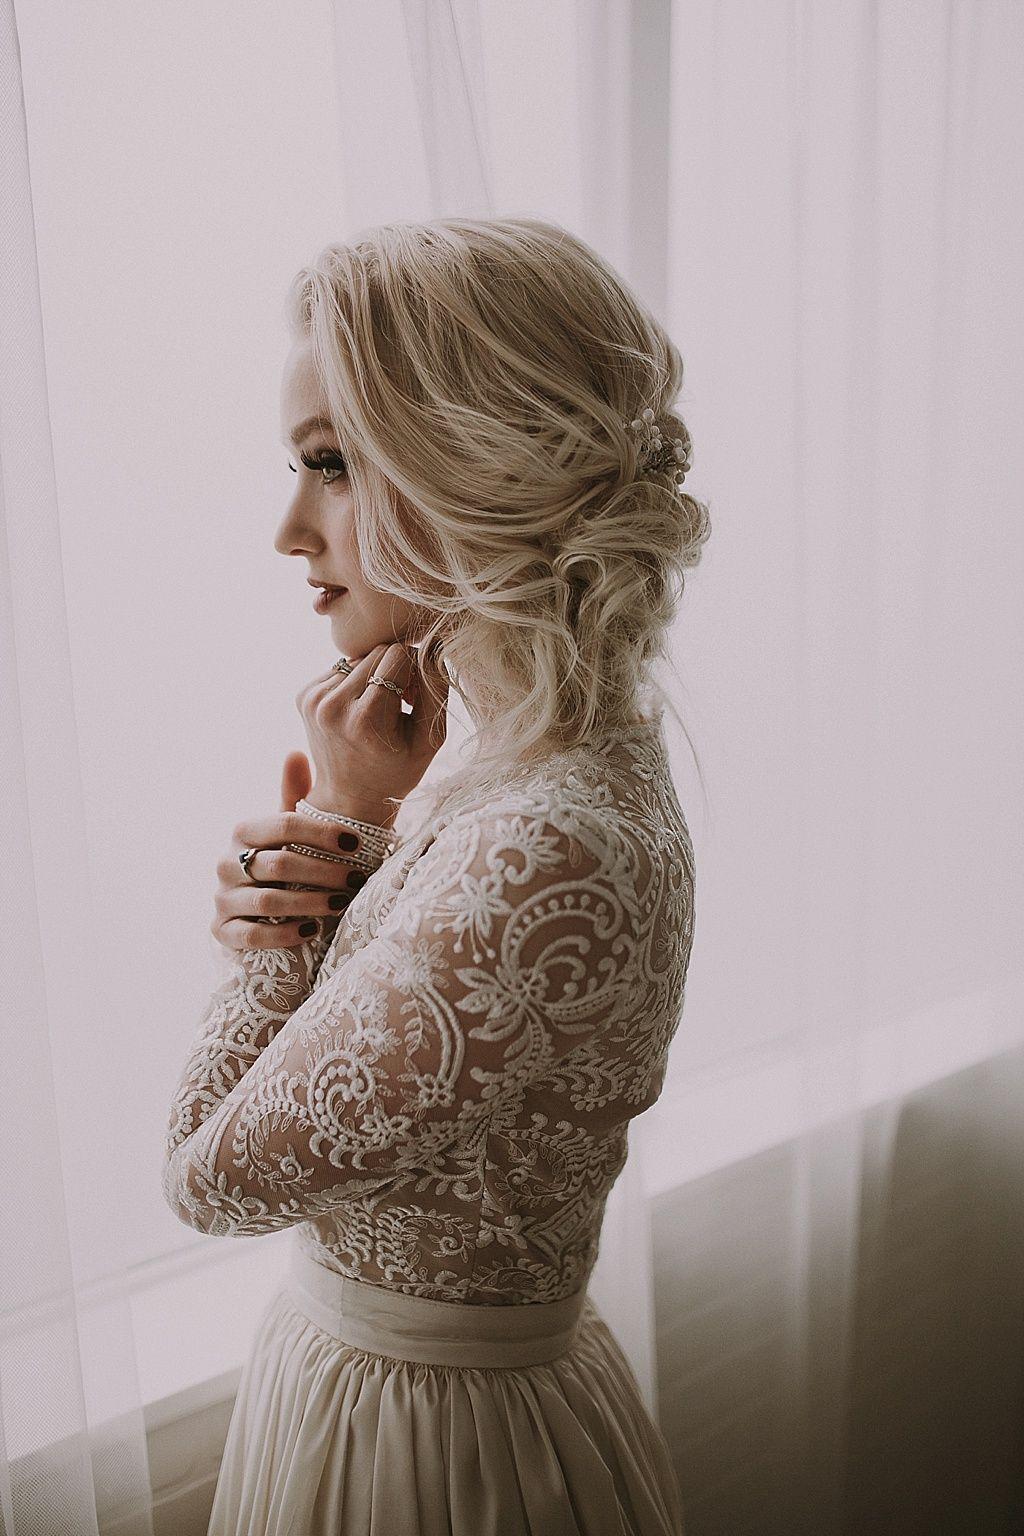 Vilma Wedding & Event Planner _ nuotakos manikiūras _ jaunoji _ Vilma Rapšaitė _ vestuvių organizatorė Italijoje _ pagalba nuotakai